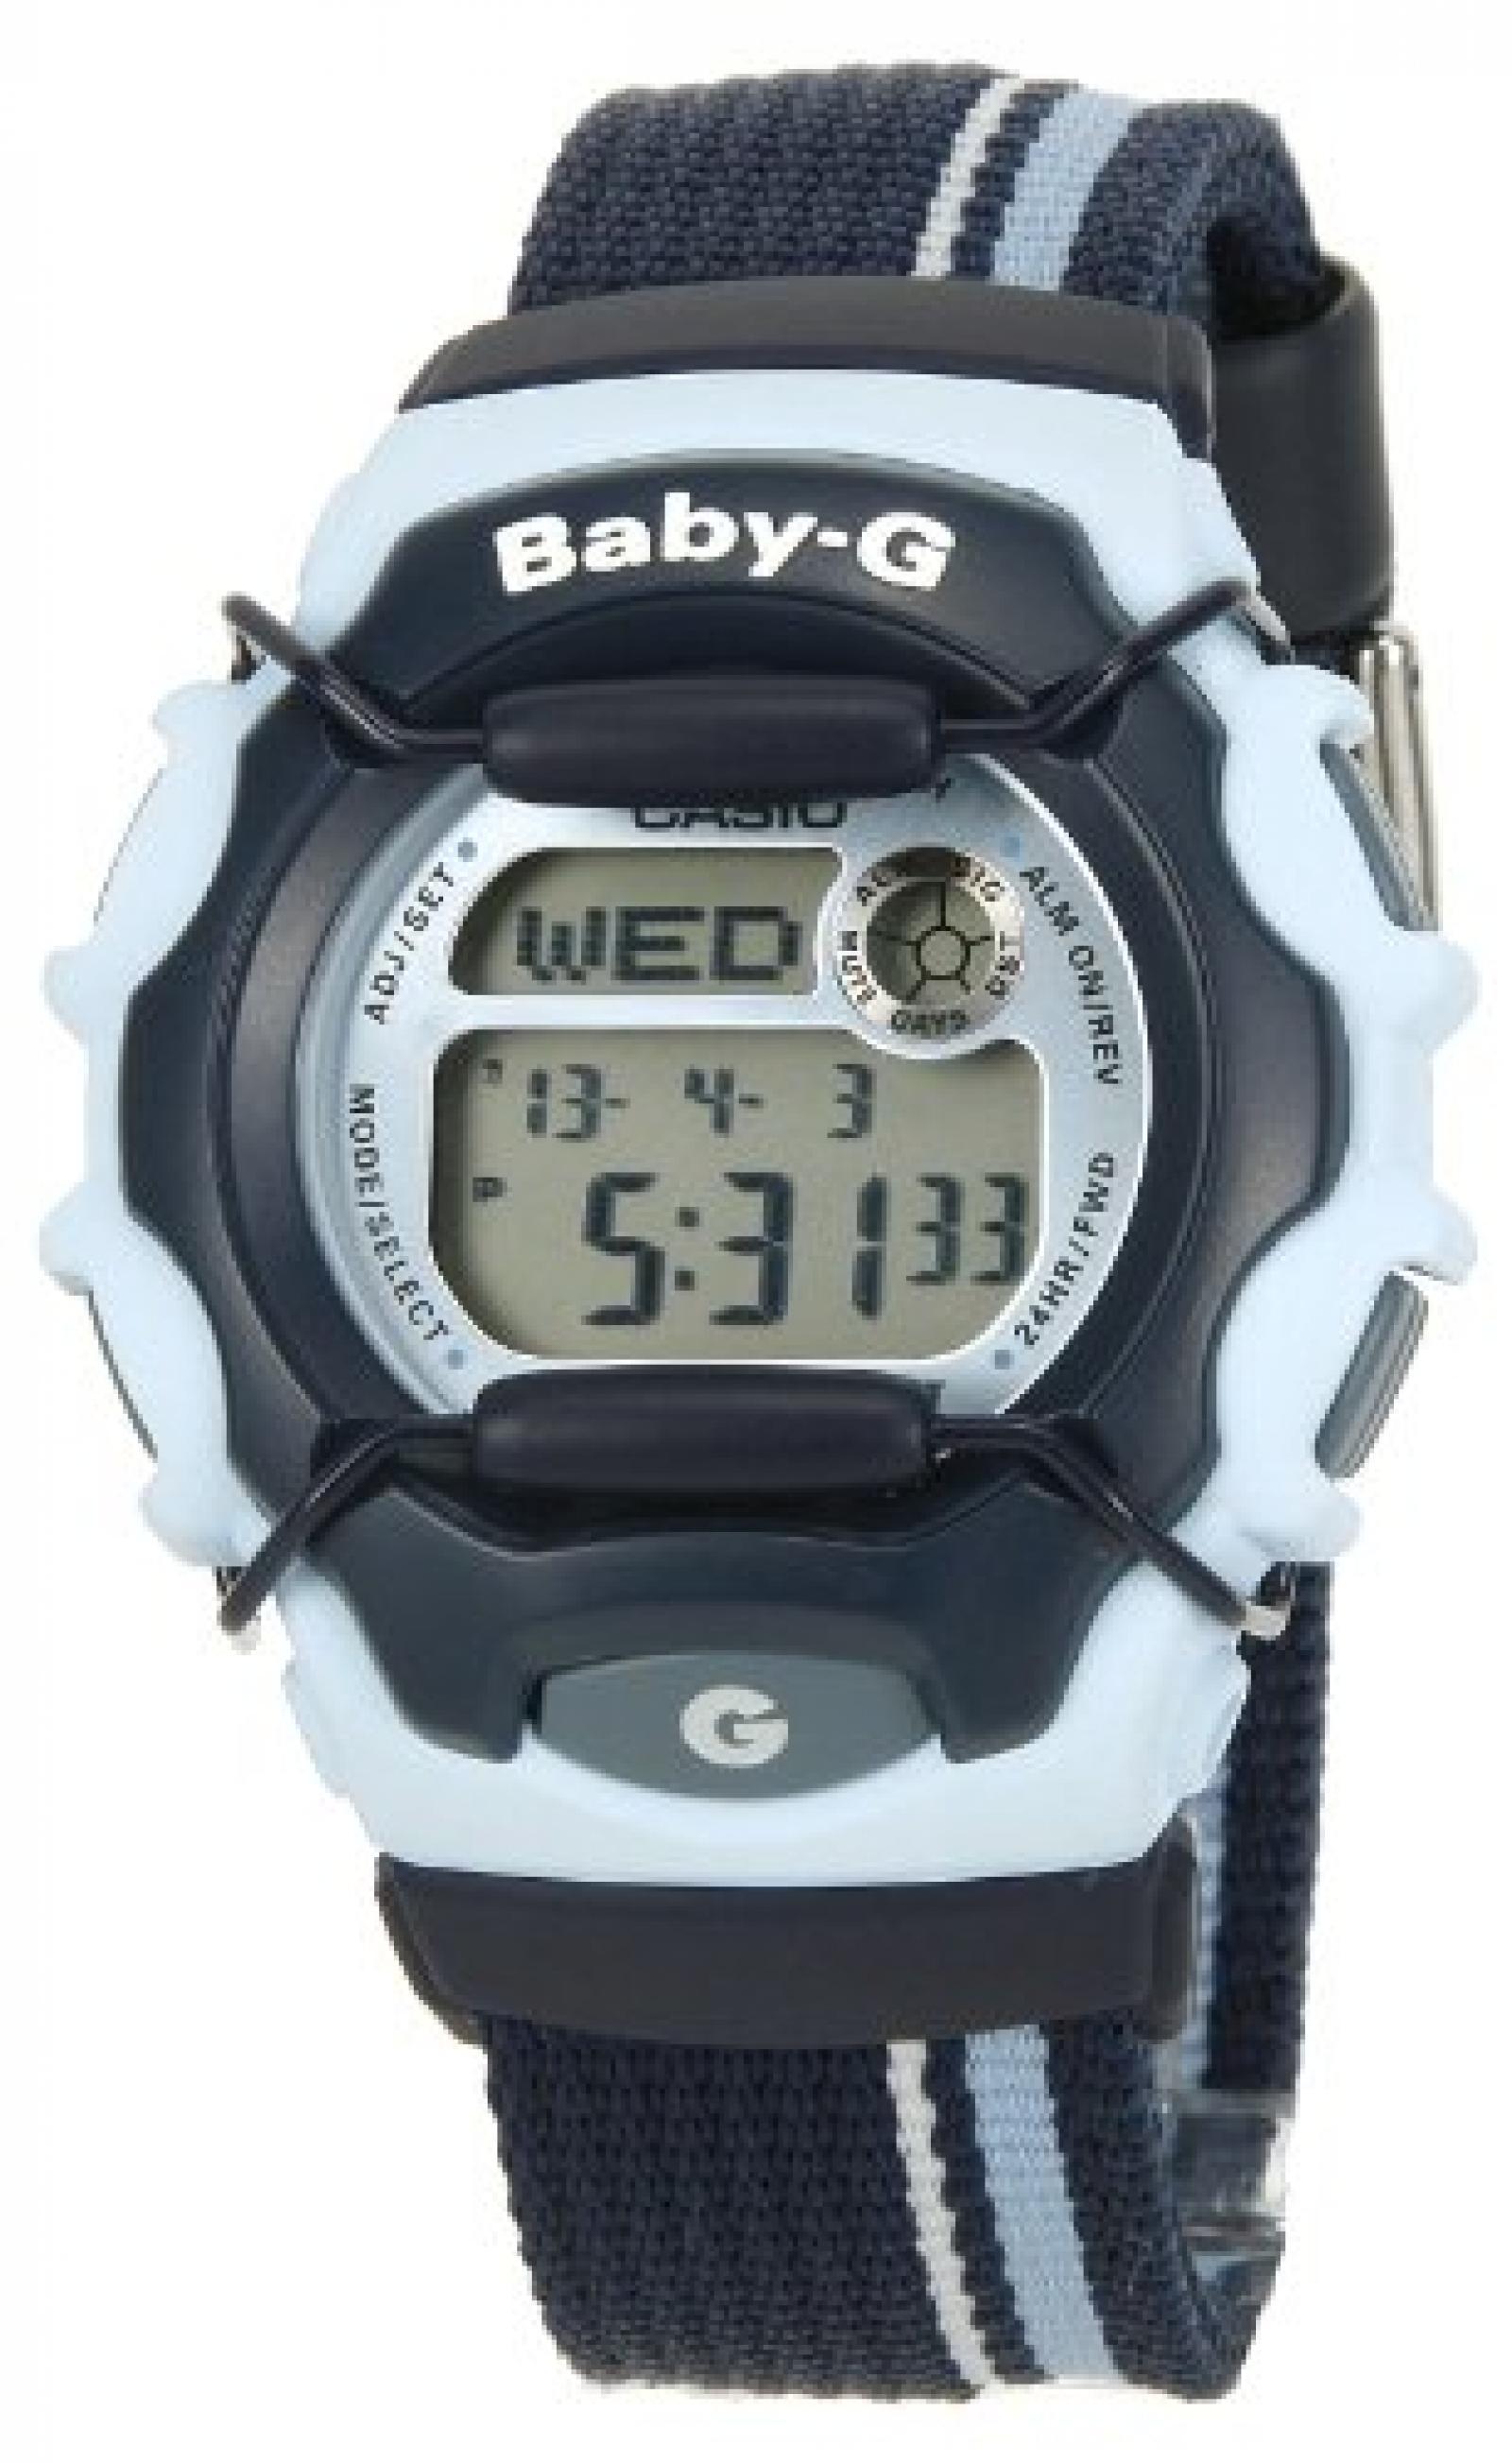 Casio Uhr WRIST WATCH DIGITAL BG-1006KF-2ER